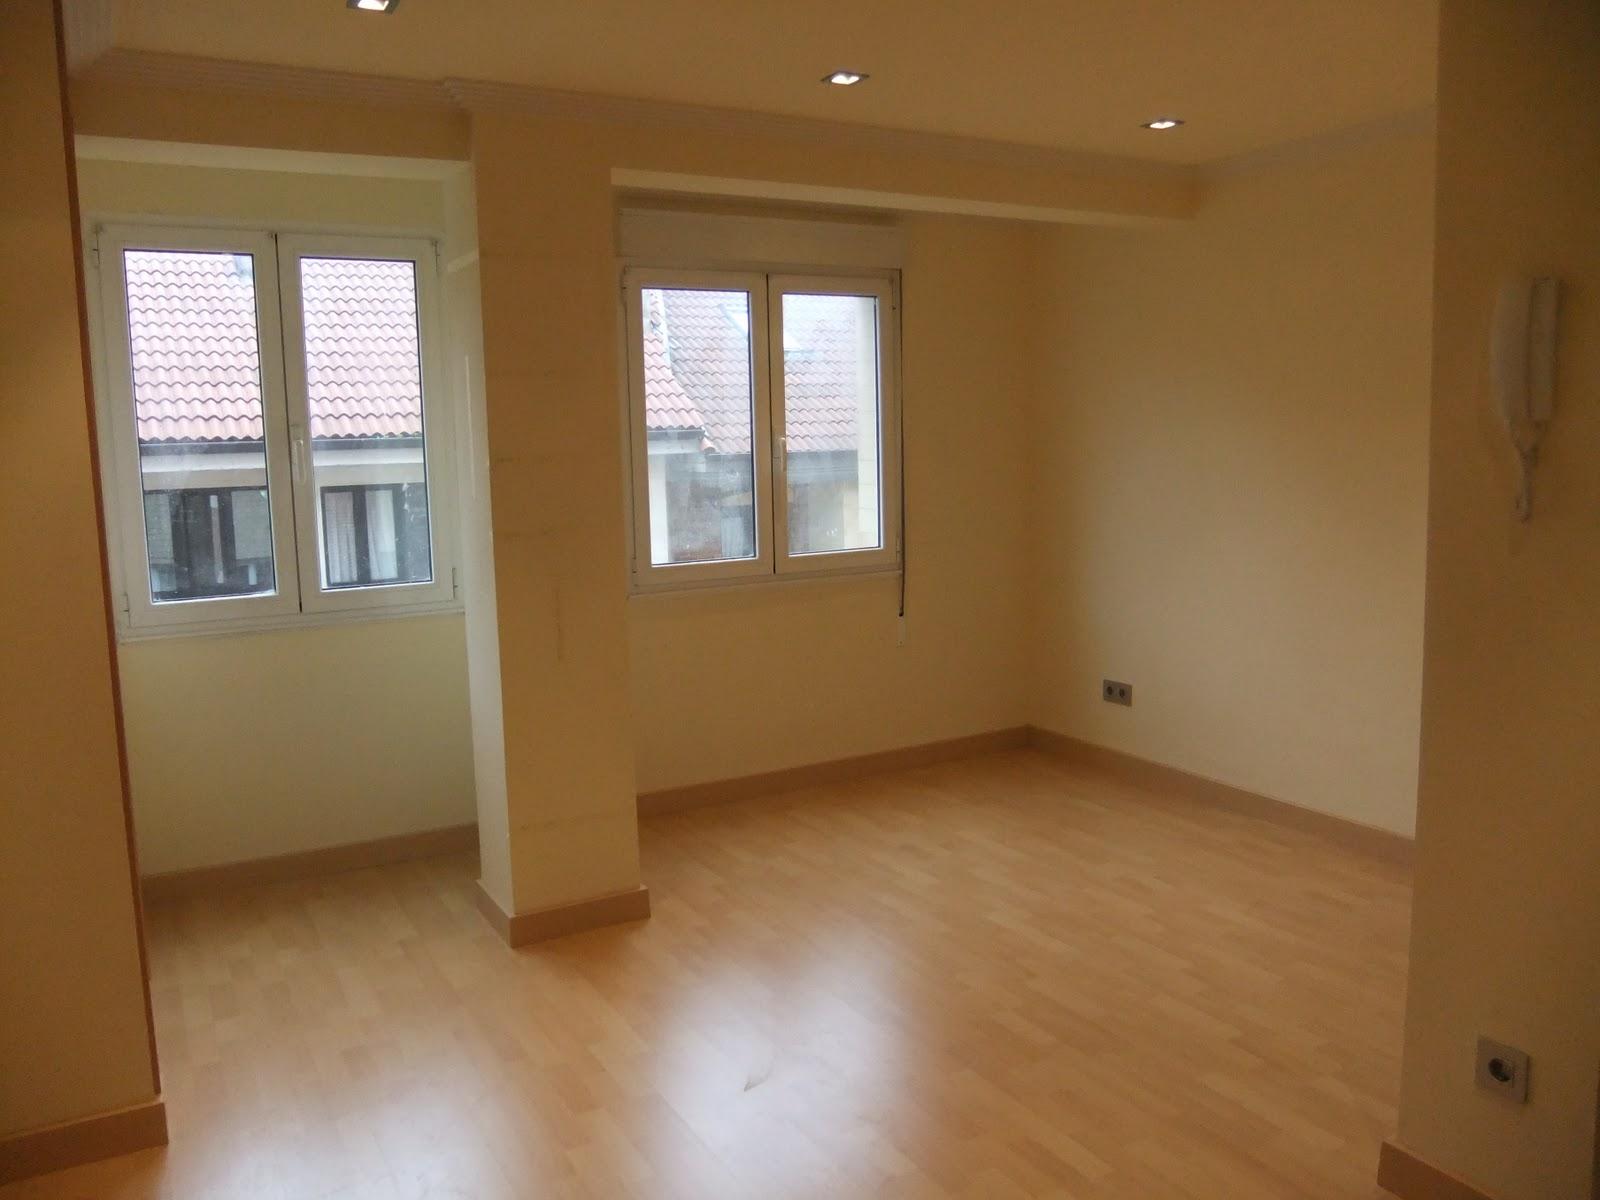 Interiorismo y decoracion lola torga peque o apartamento - Decoracion de entraditas pequenas ...